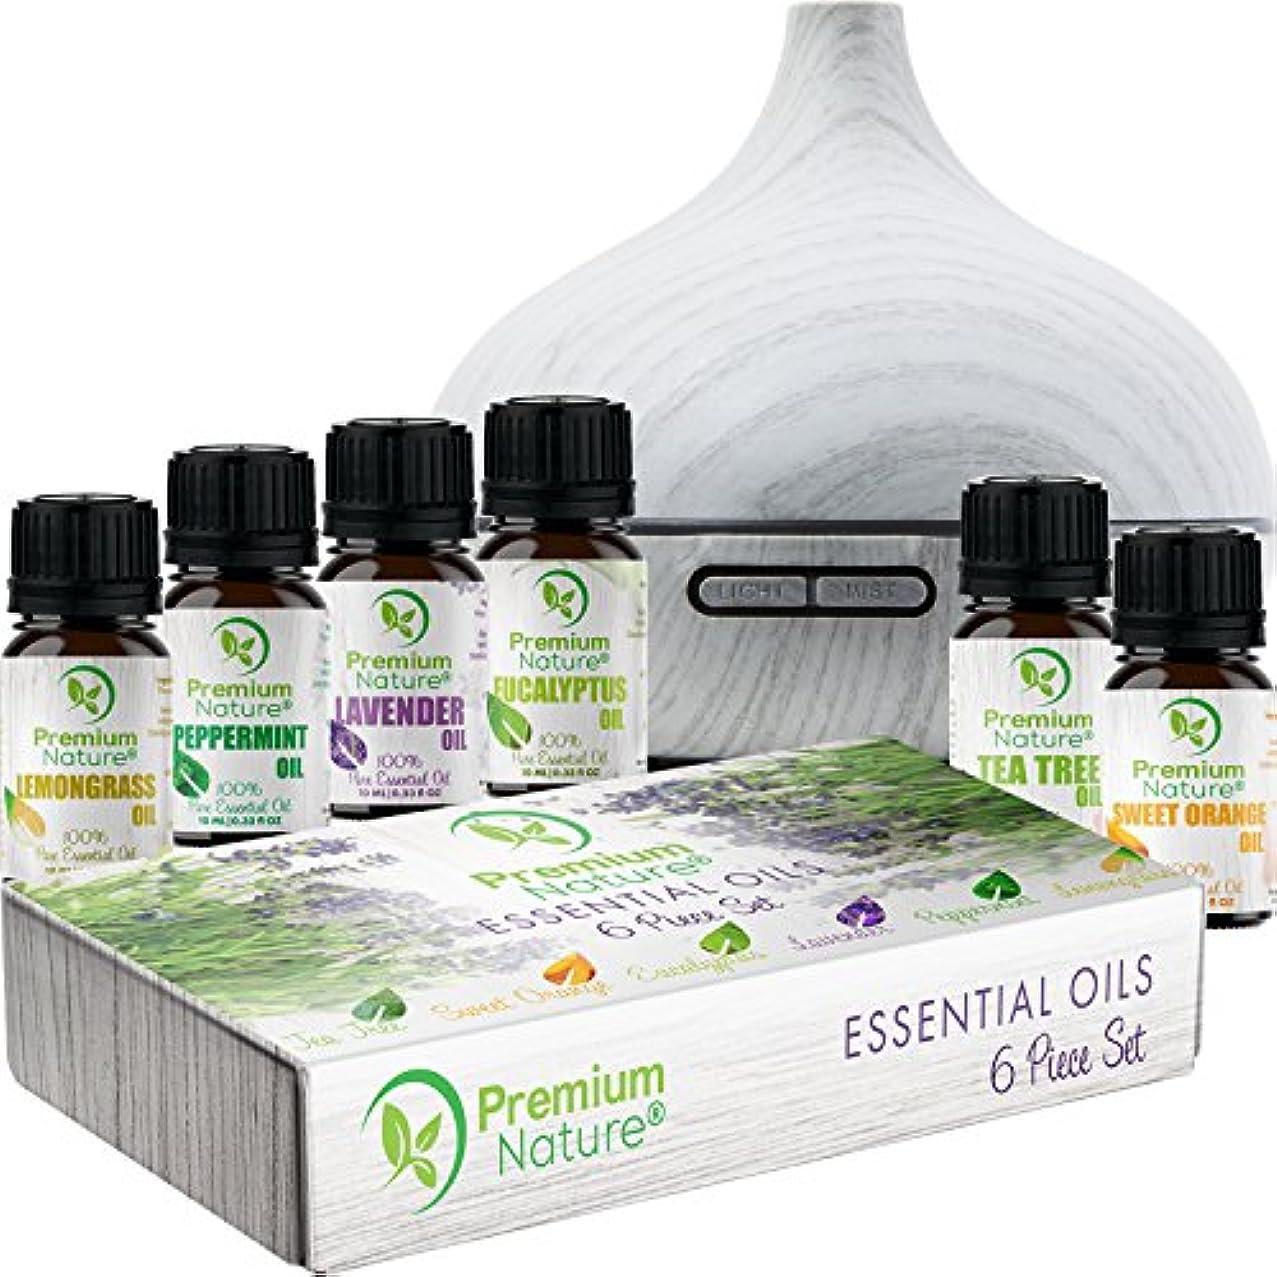 タンカー申込みロイヤリティAromatherapy Essential Oil & Diffuser Gift Set – 250 mlタンク& Top 6 Oils – Therapeutic Grade – ペパーミント、ティーツリー、レモングラス...